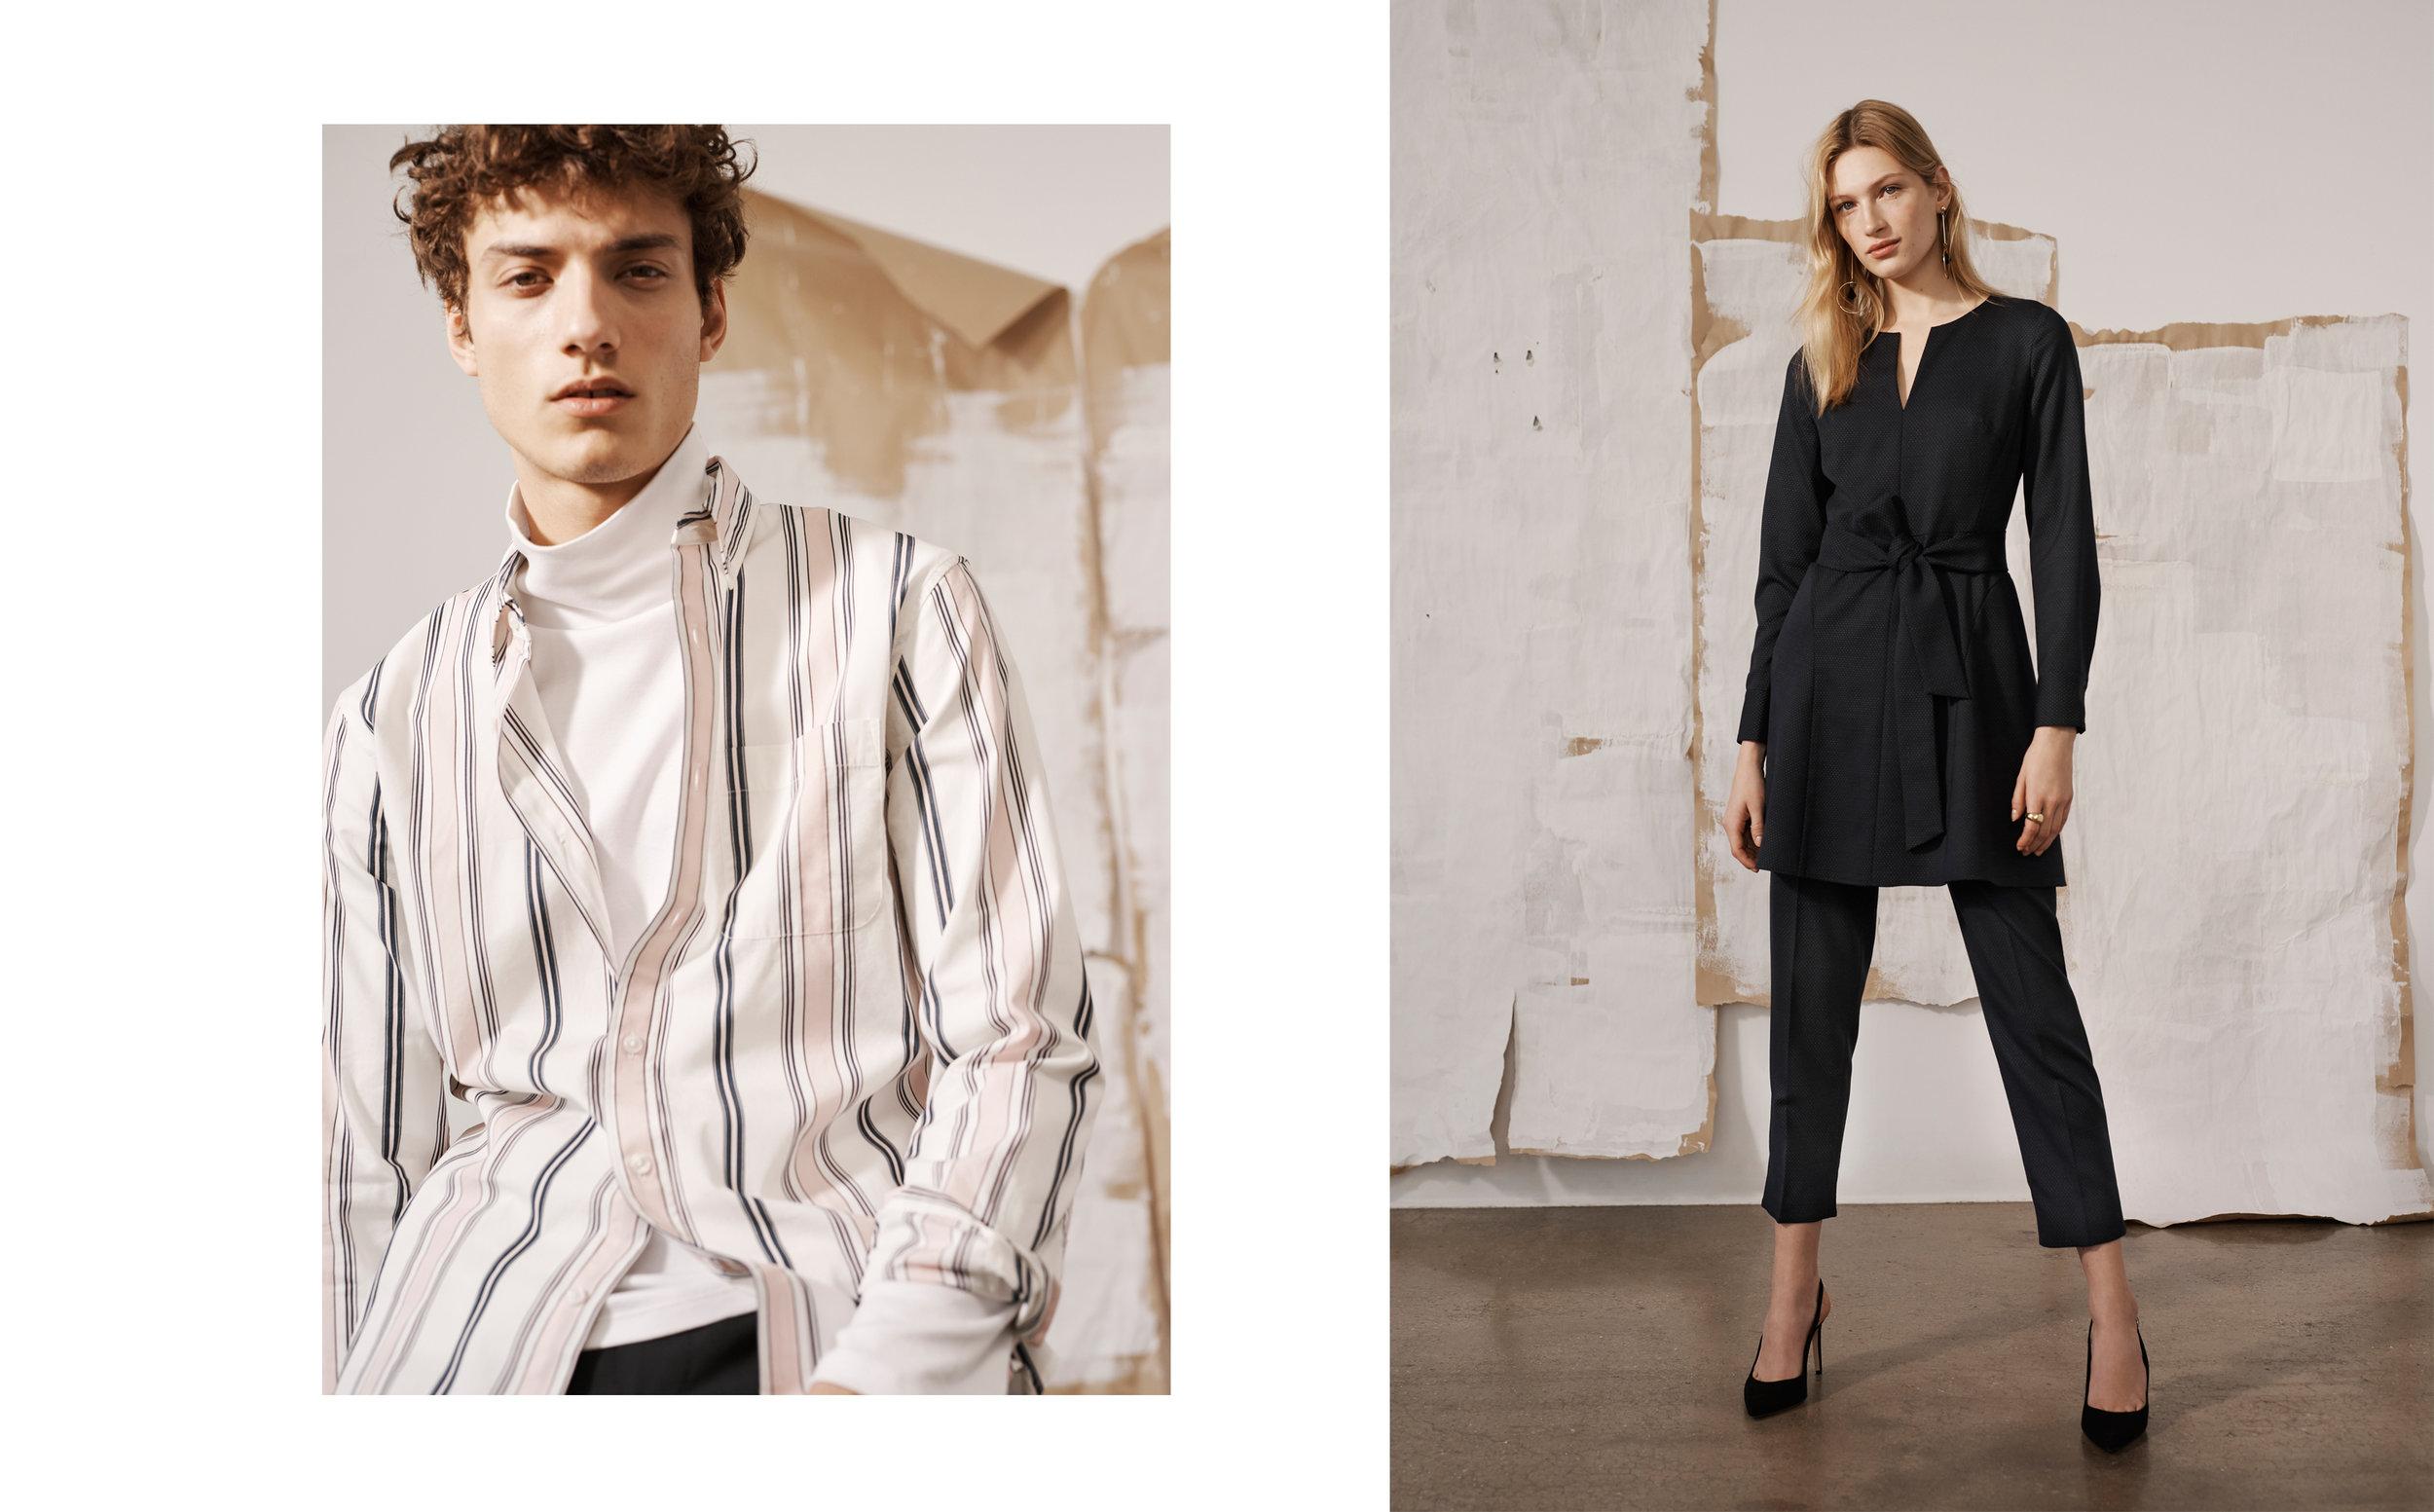 Slim BD Wide Stripe, Coverlock Turtleneck / Kasca Dress, Borrem Pant